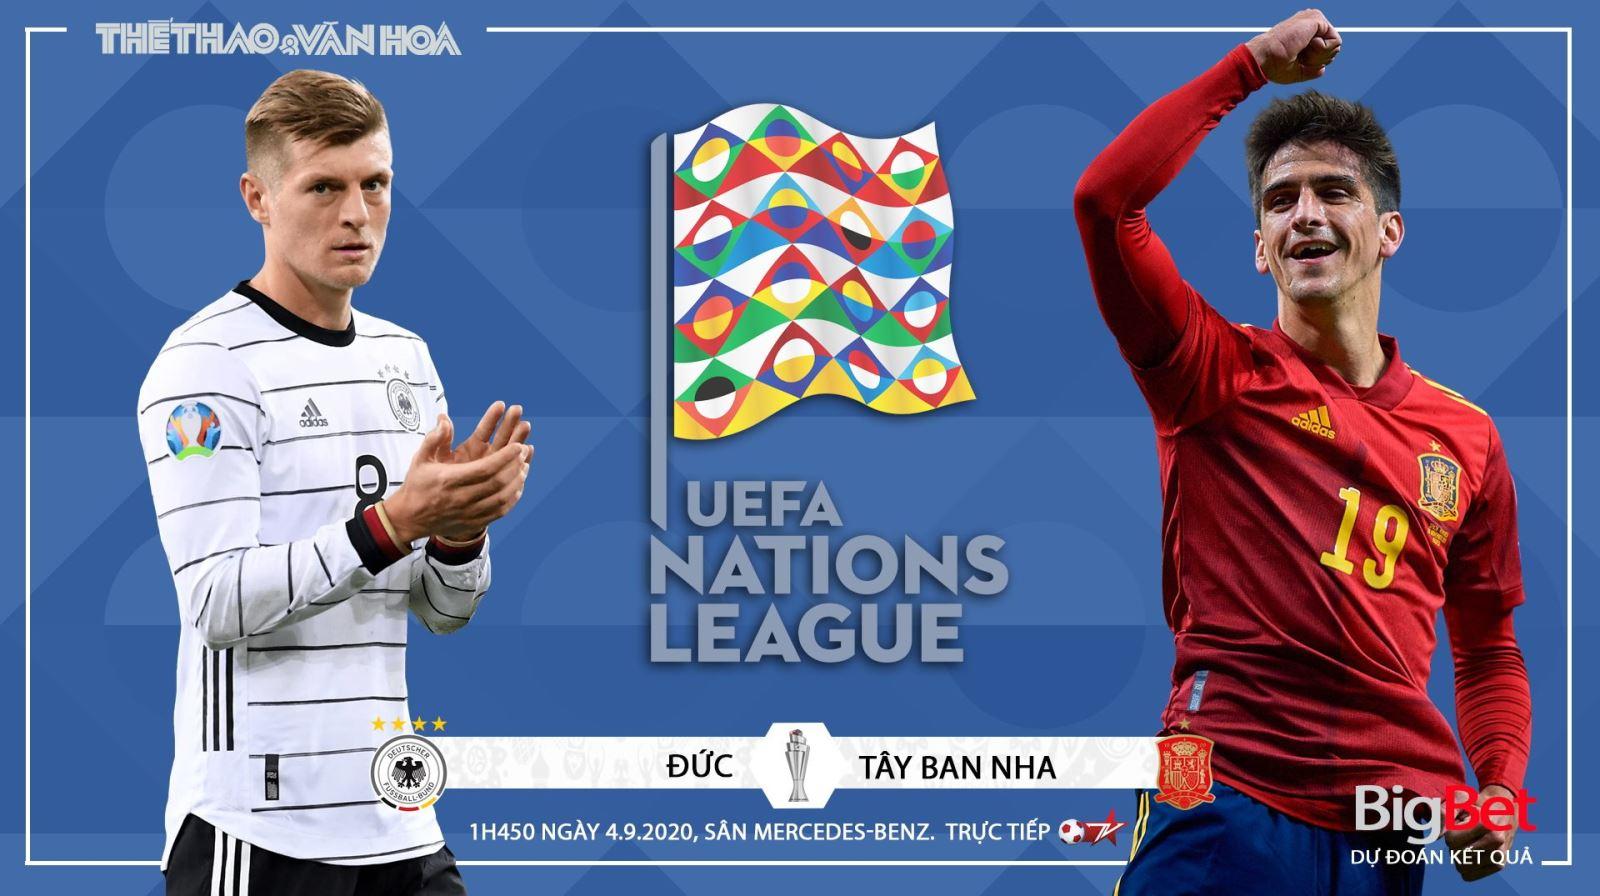 Soi kèo nhà cái Đức vs Tây Ban Nha. UEFA Nations League 2020-21. Trực tiếp BĐTV